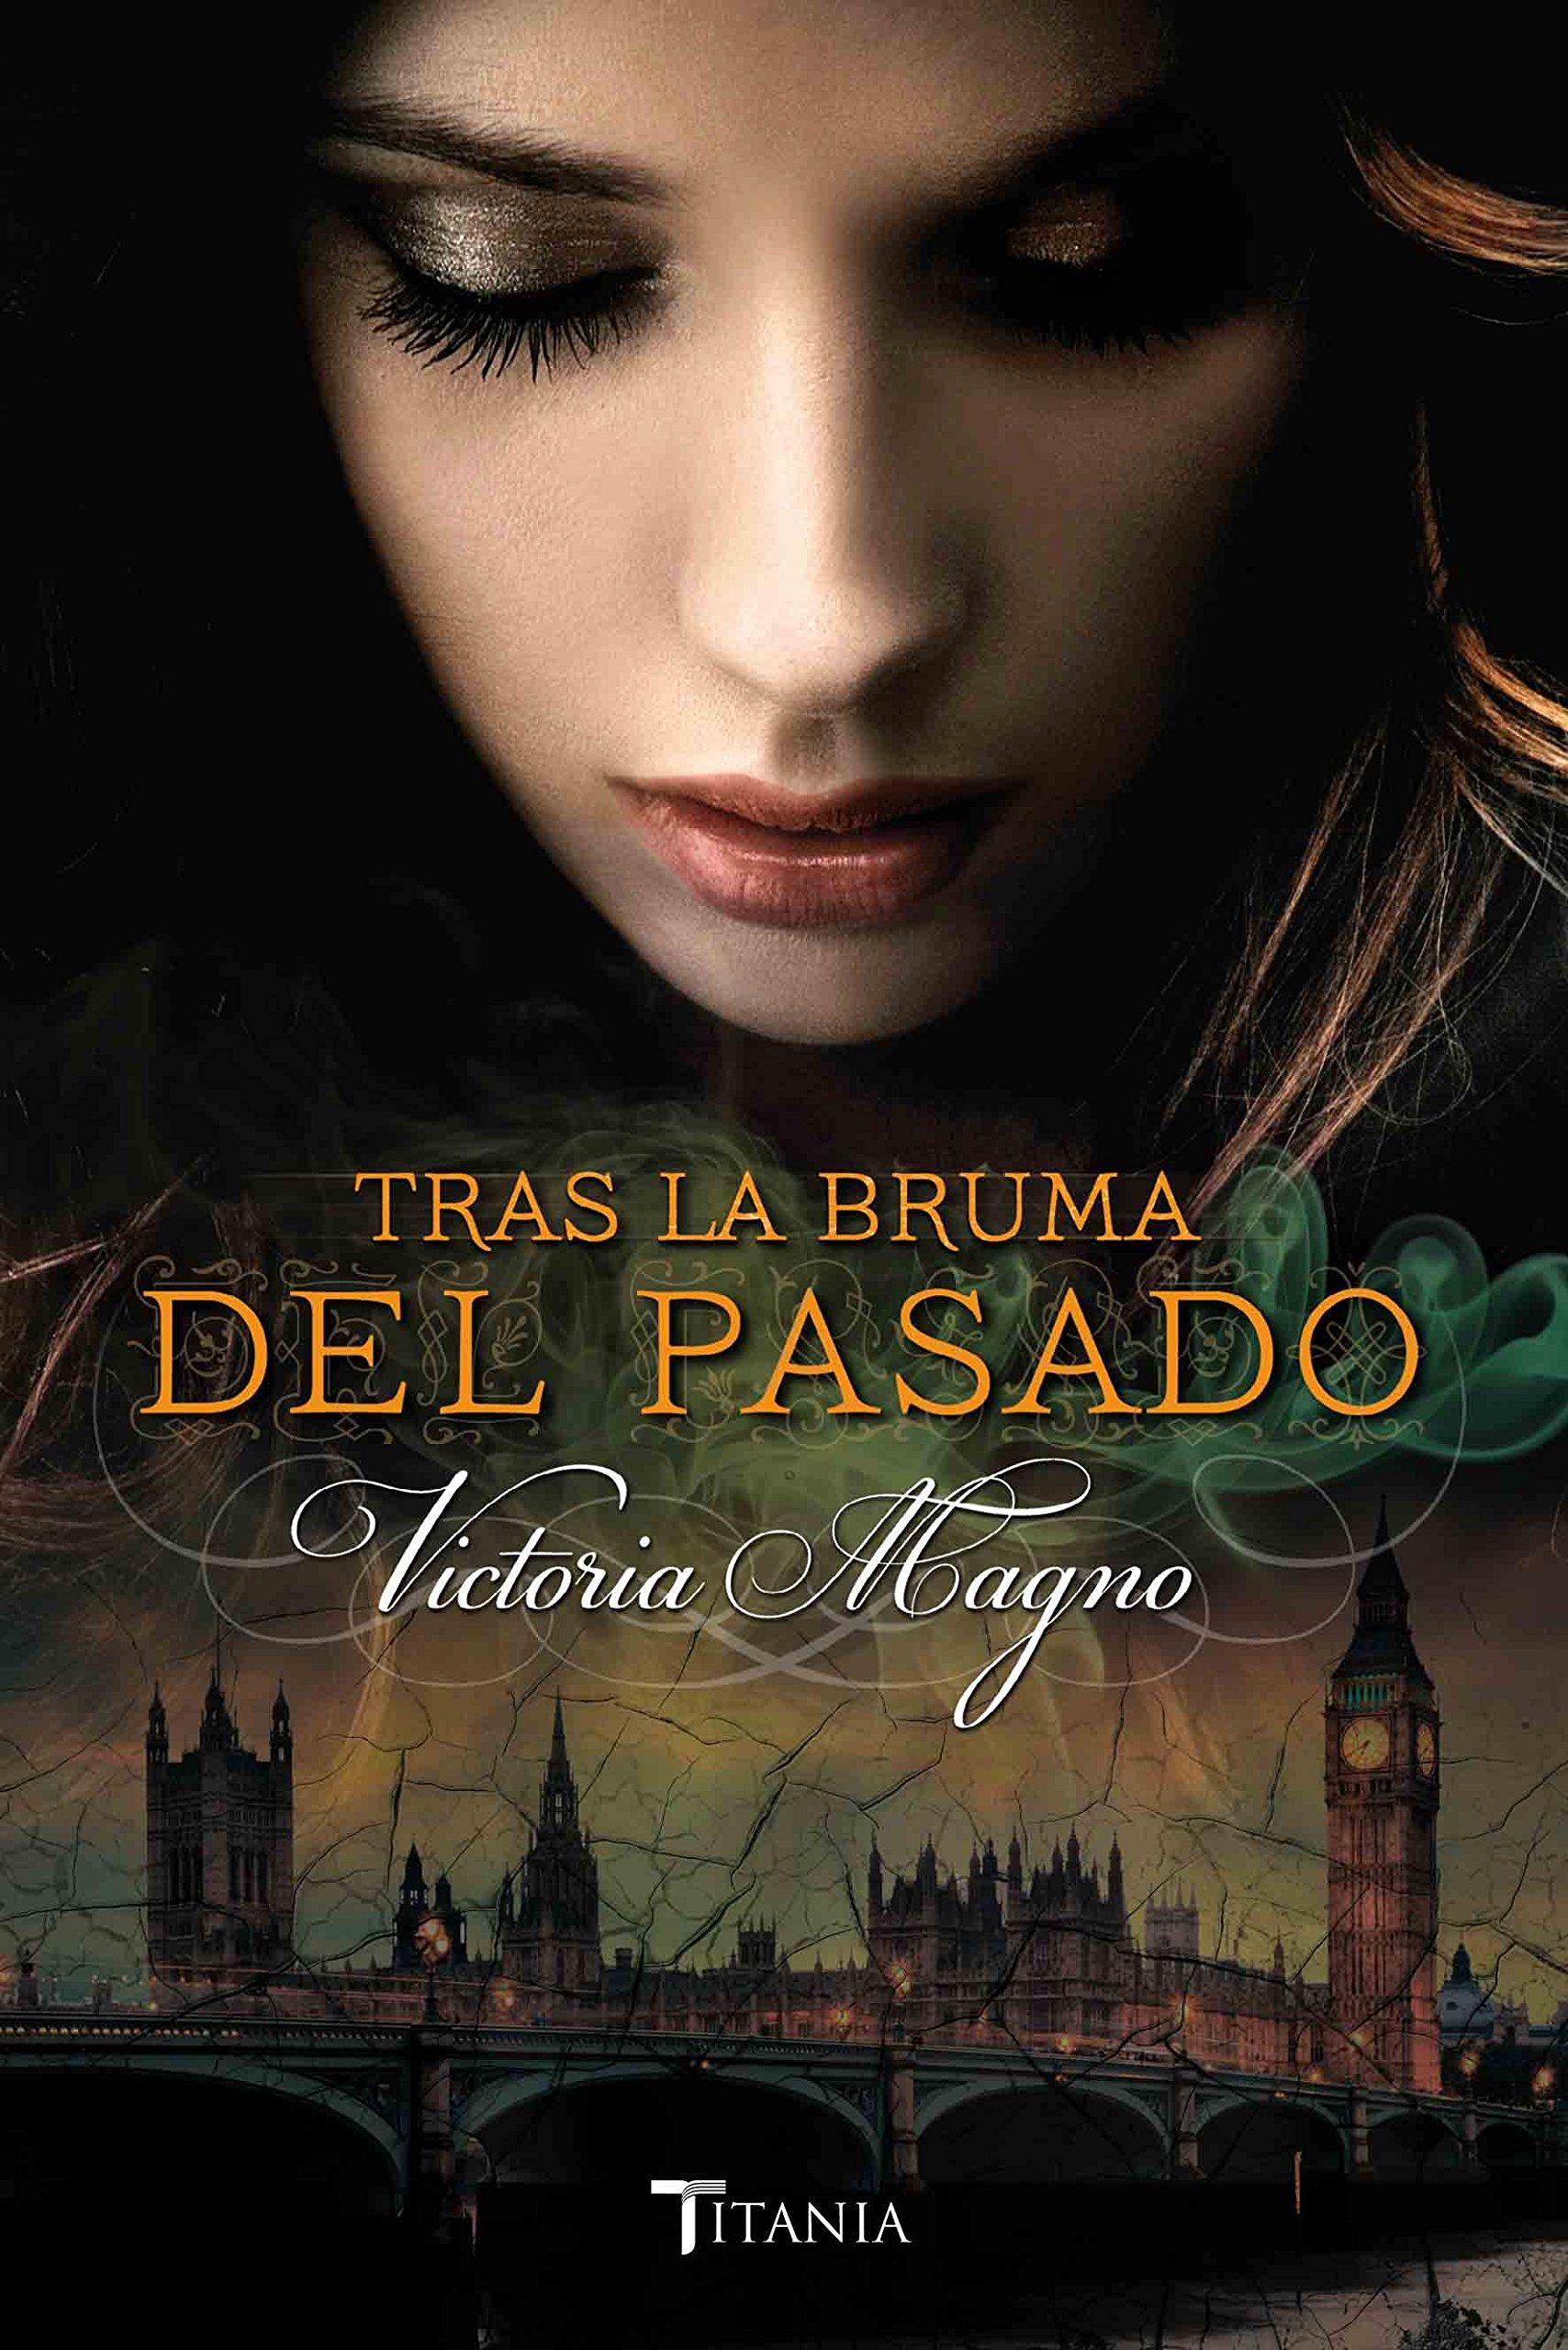 Tras la bruma del pasado (Titania época): Amazon.es: Victoria Magno: Libros